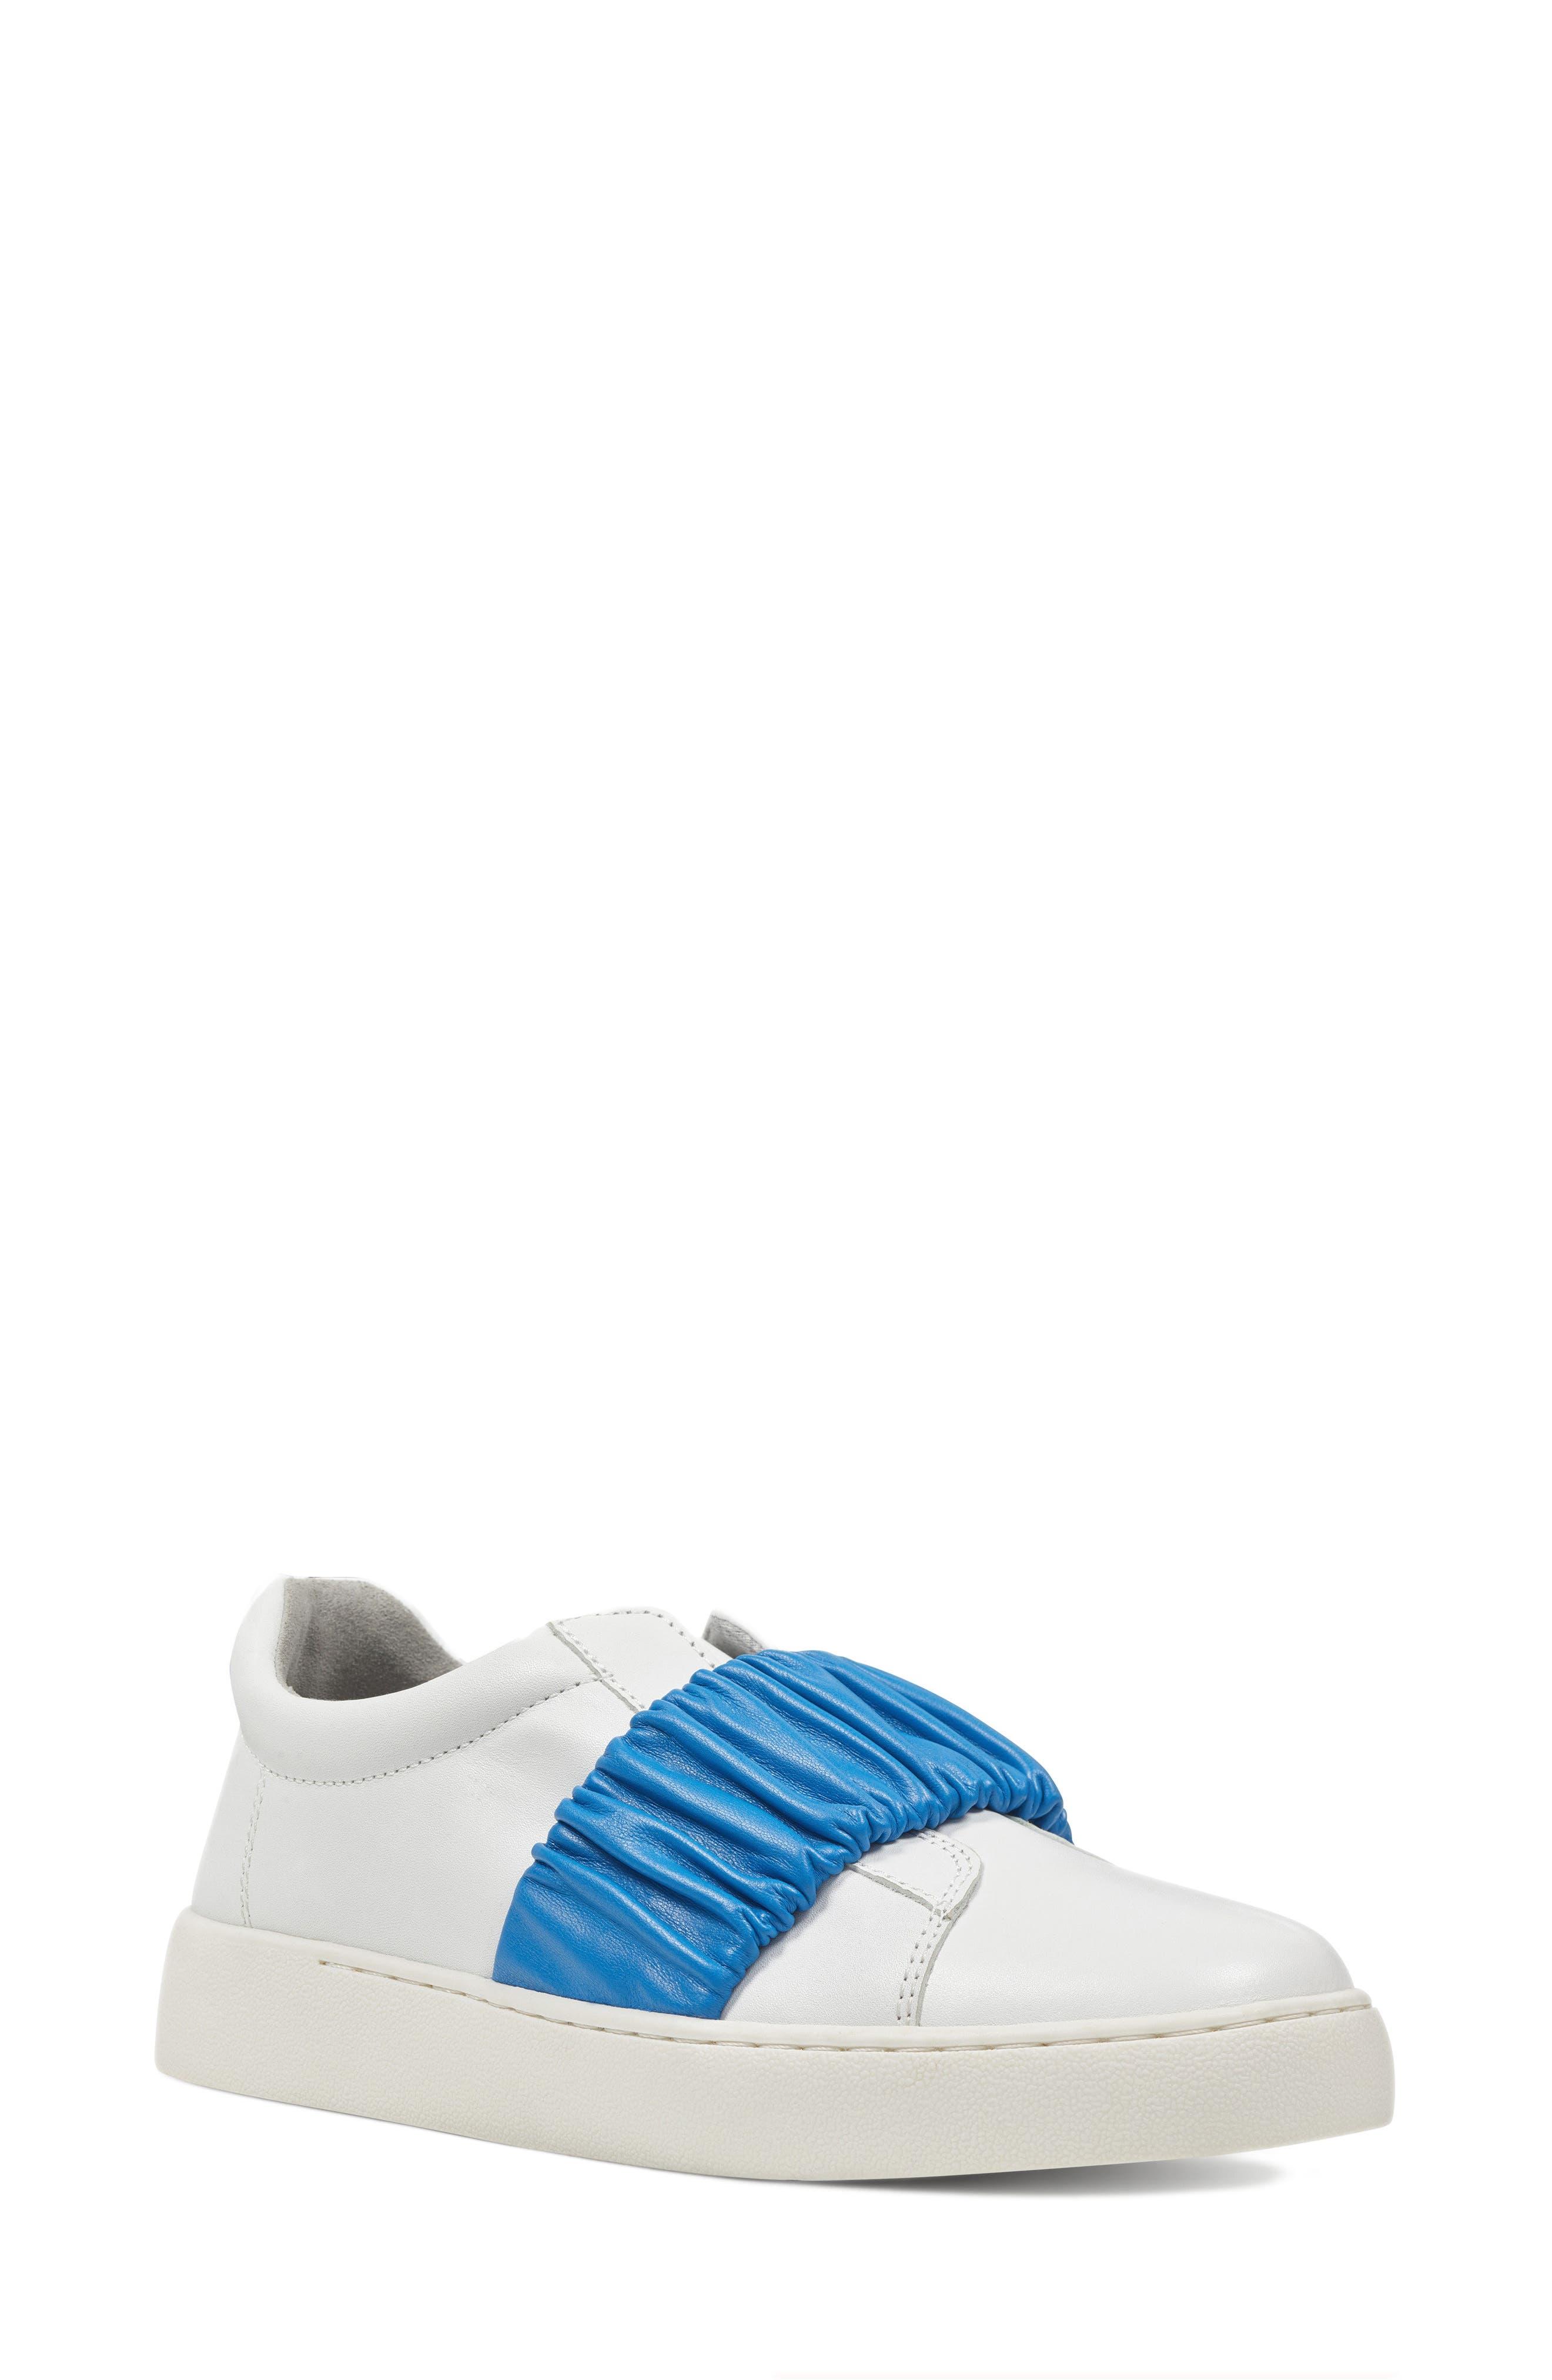 Alternate Image 1 Selected - Nine West Pindiviah Slip-On Sneaker (Women)